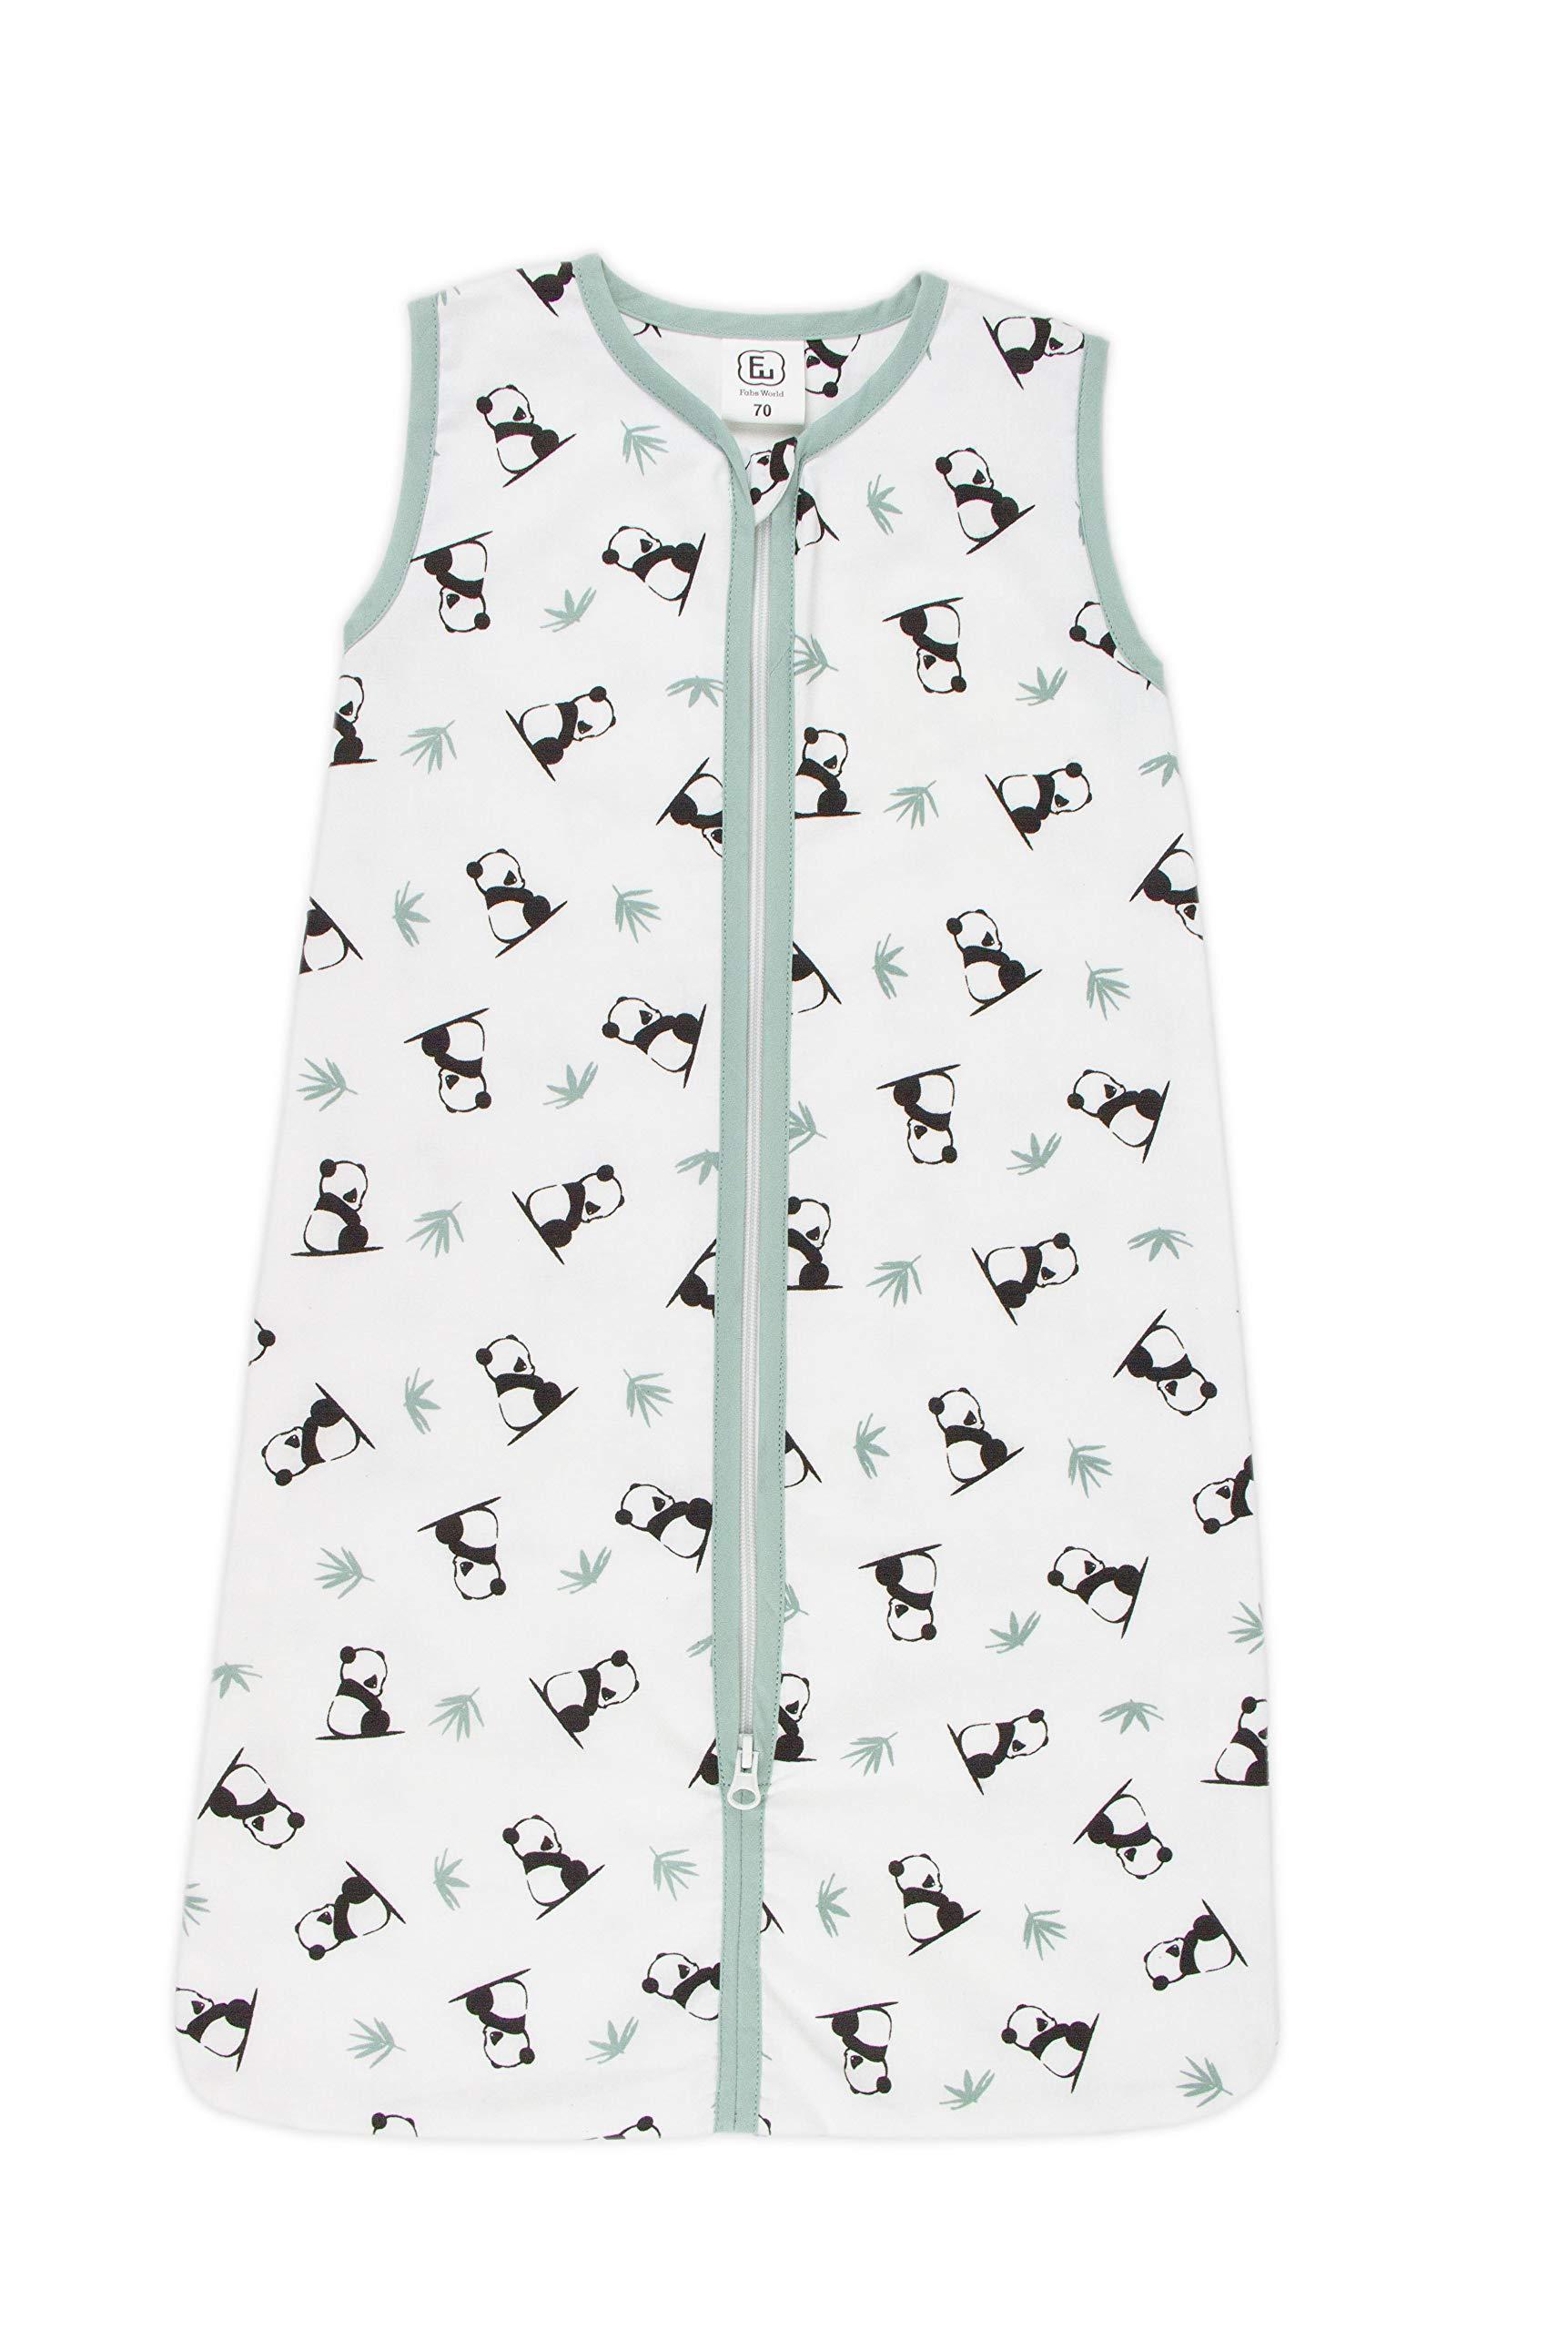 Panda Dreams – Saco de dormir de verano para su hijo (110 cm, con cremallera)